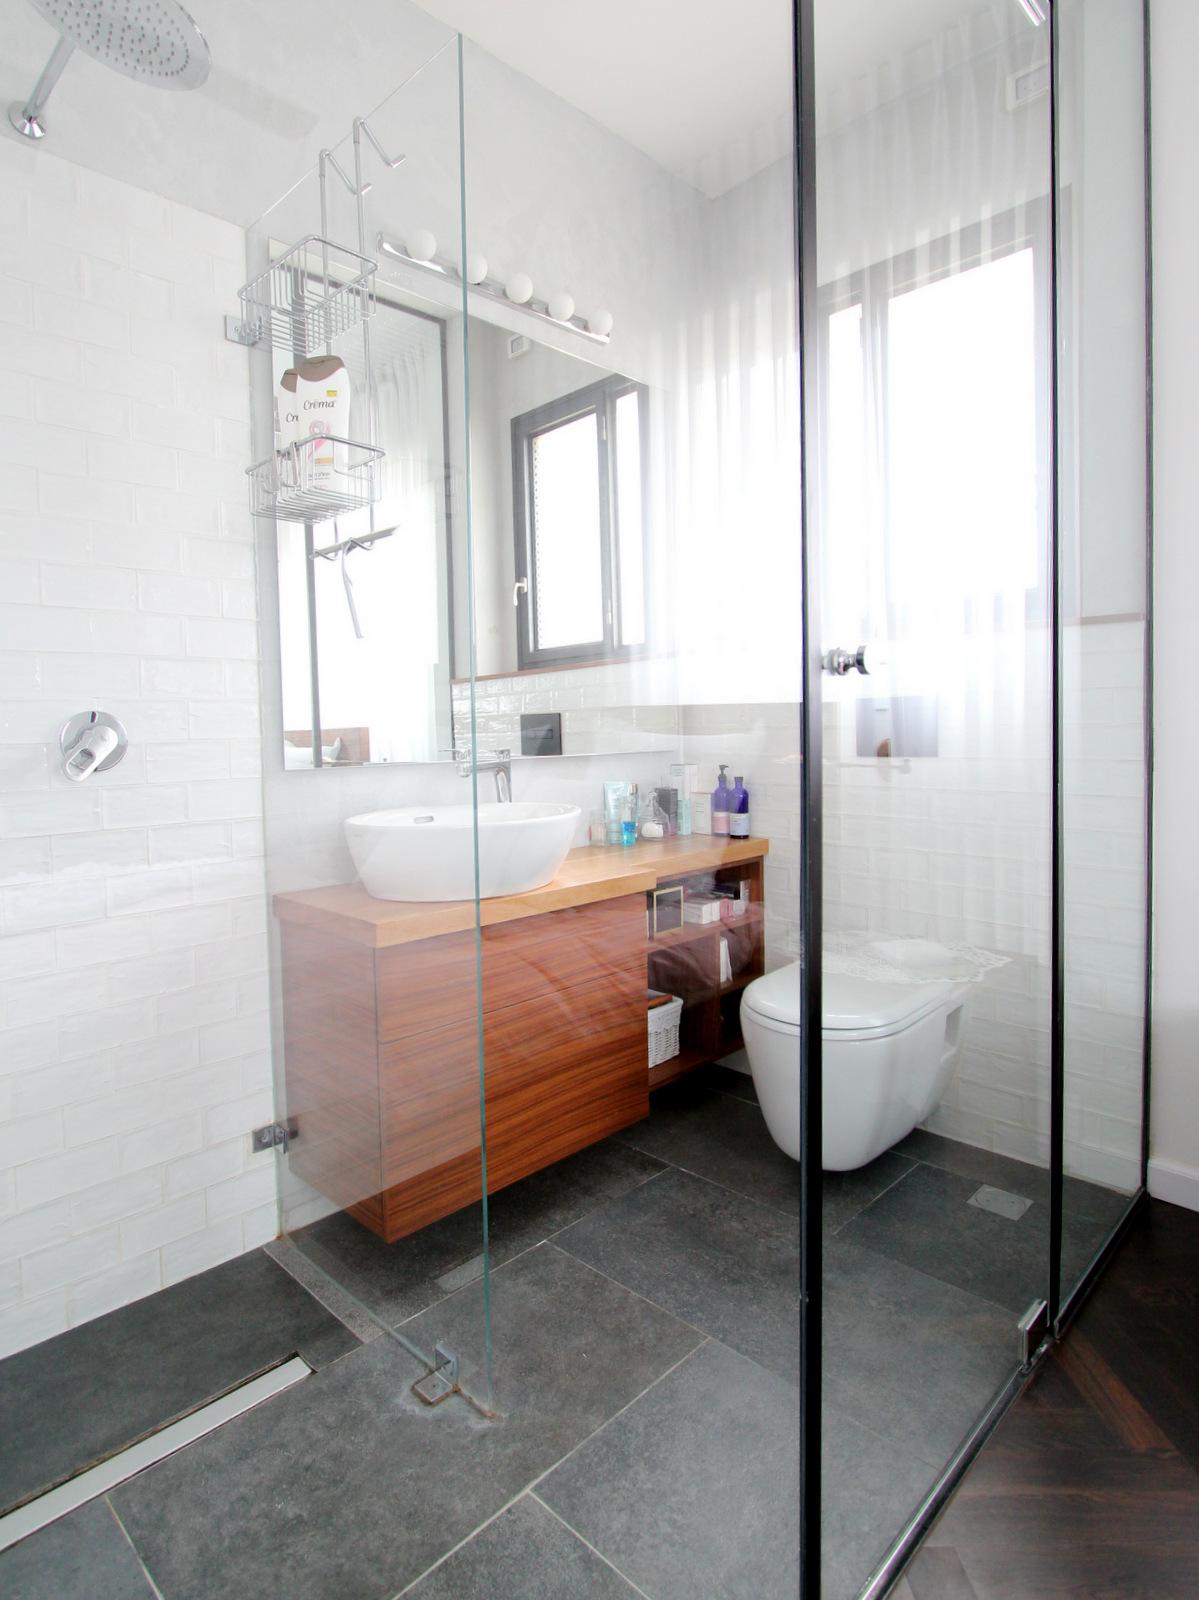 עיצוב פנים לדירה ברמת פולג עיצוב וצילום לירון גונן (53)